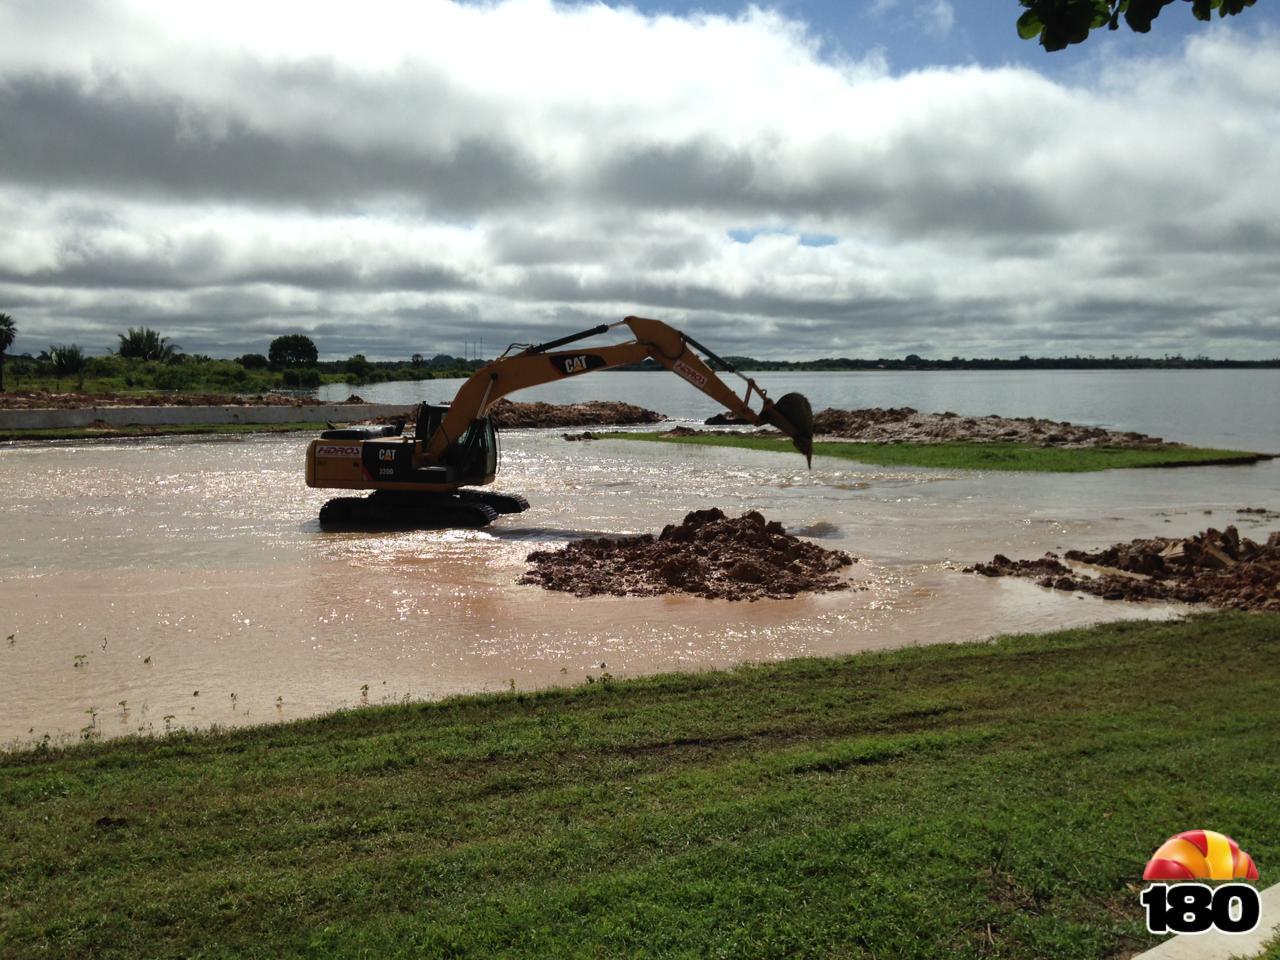 Barragem do Bezerro: famílias recusam deixar casas mesmo com risco de rompimento